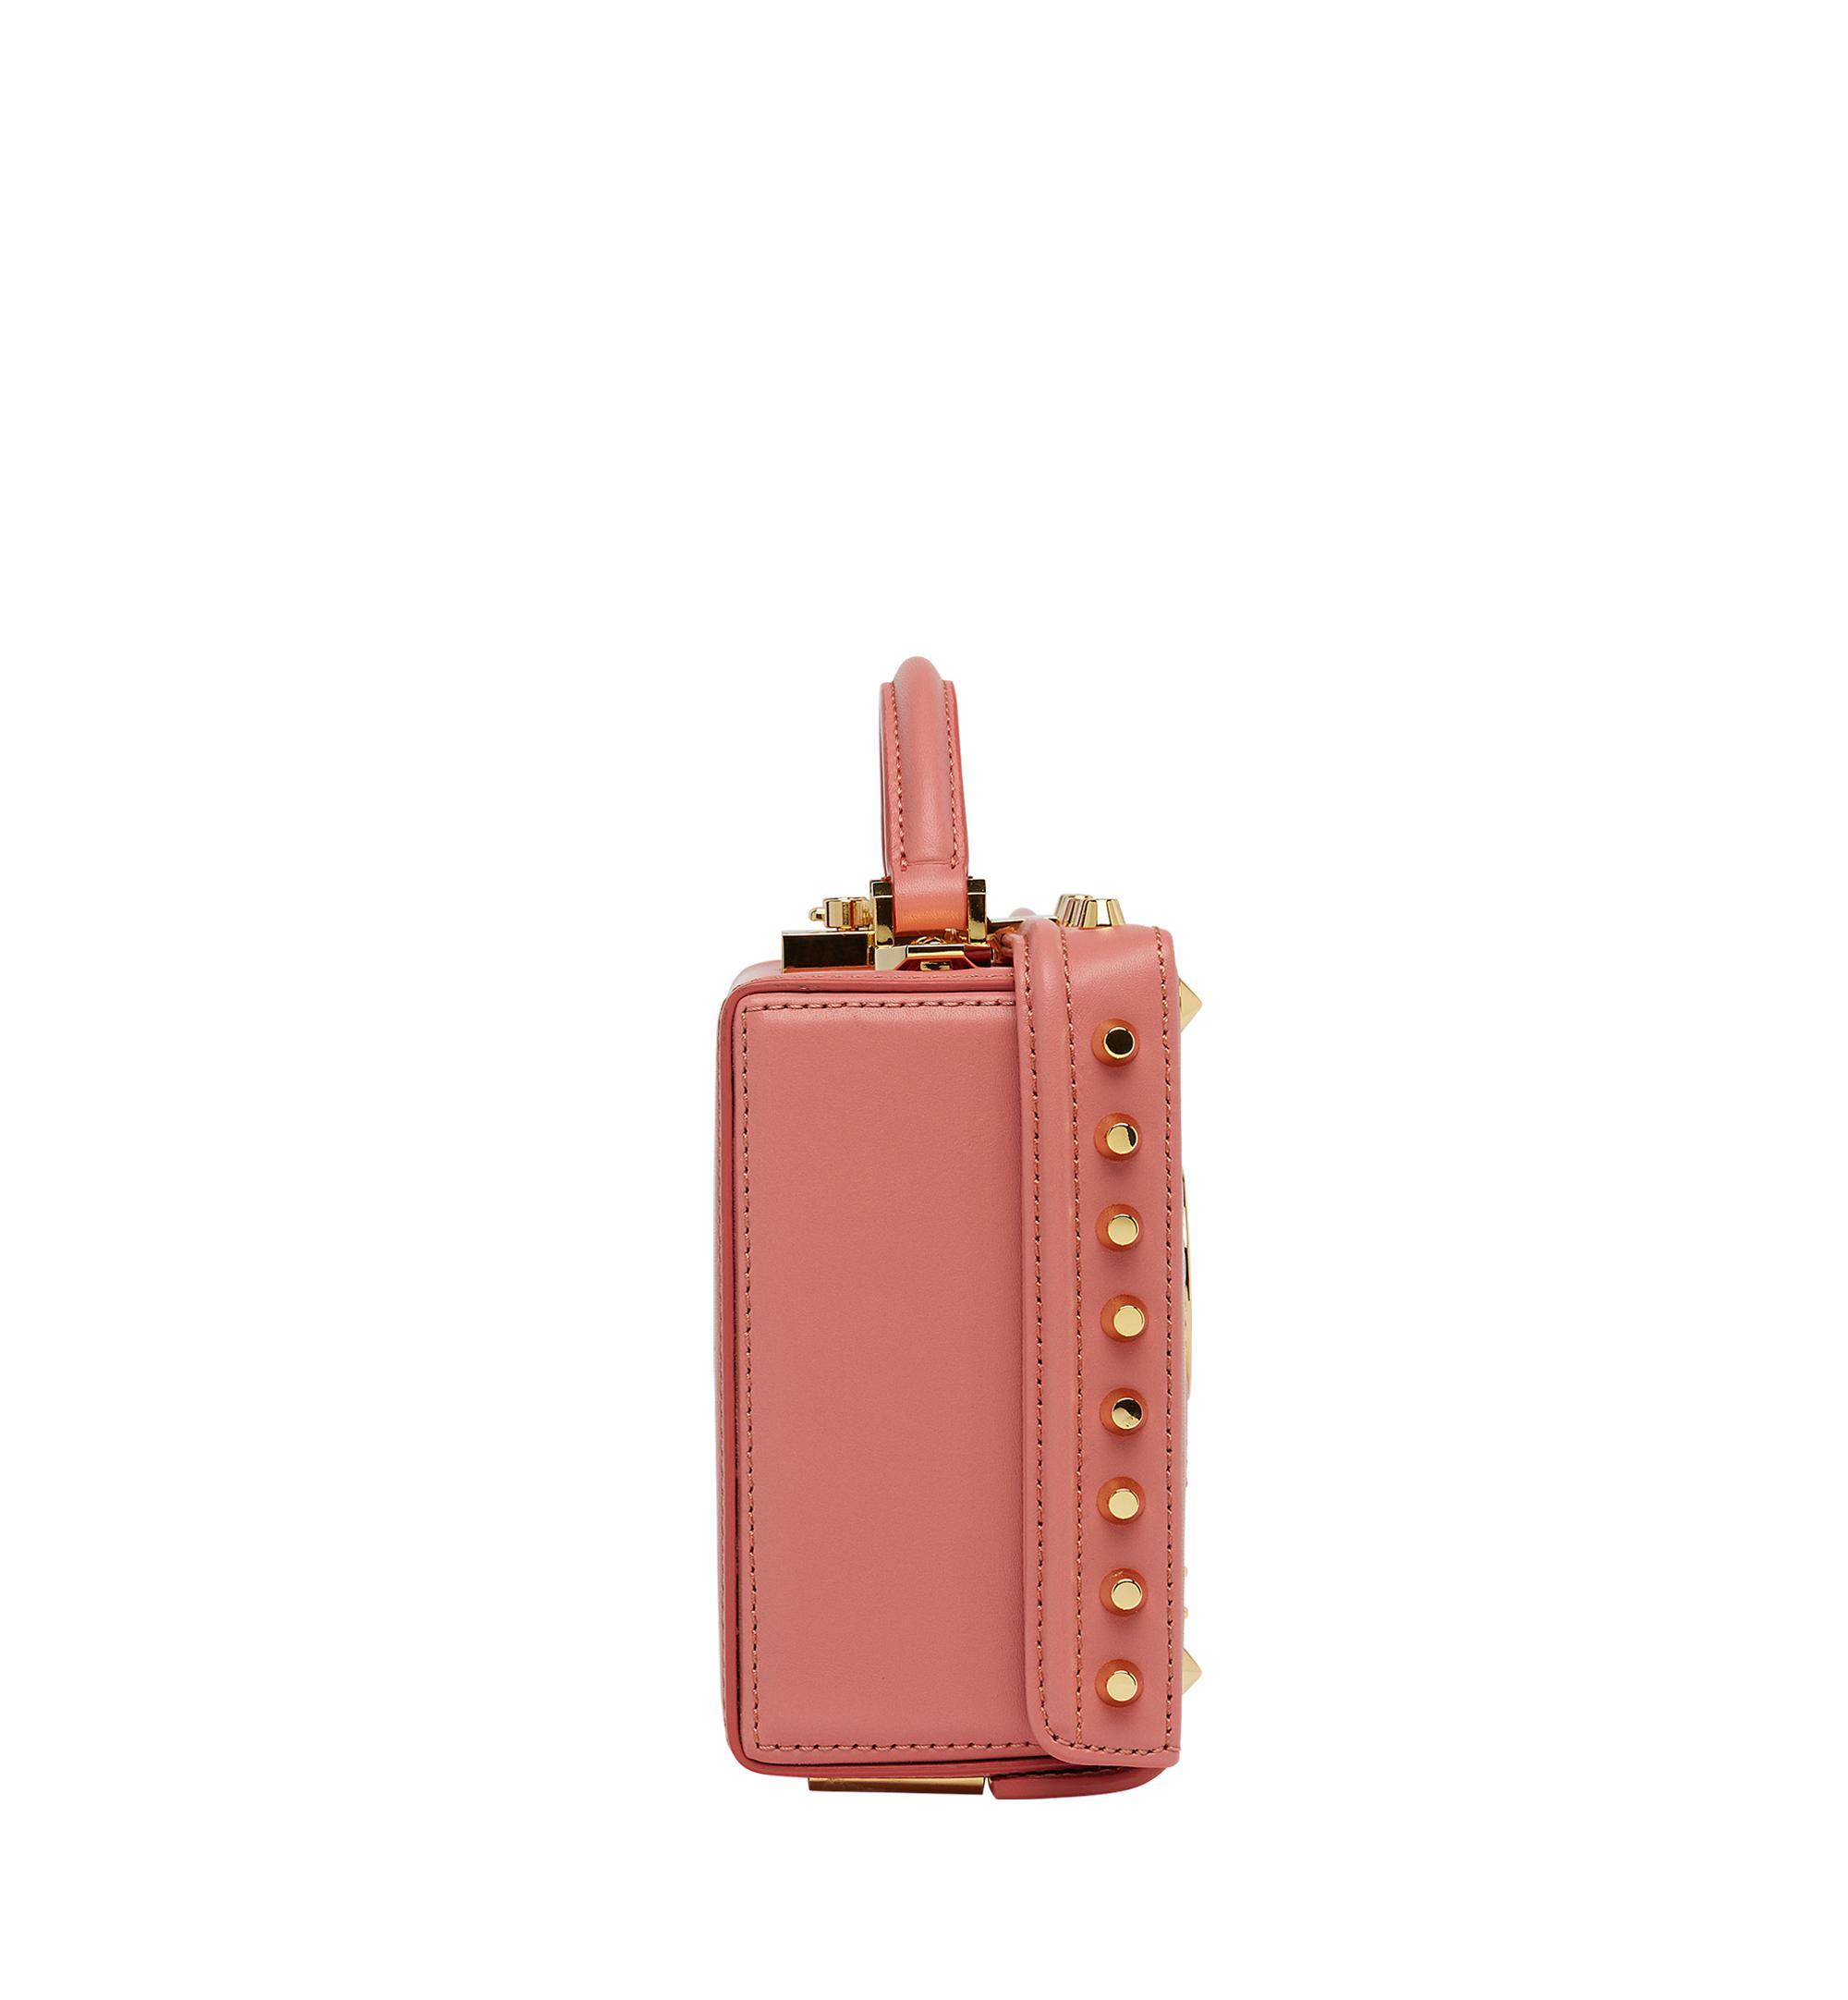 MCM Leather Berlin Crossbody In Cassette in Pink